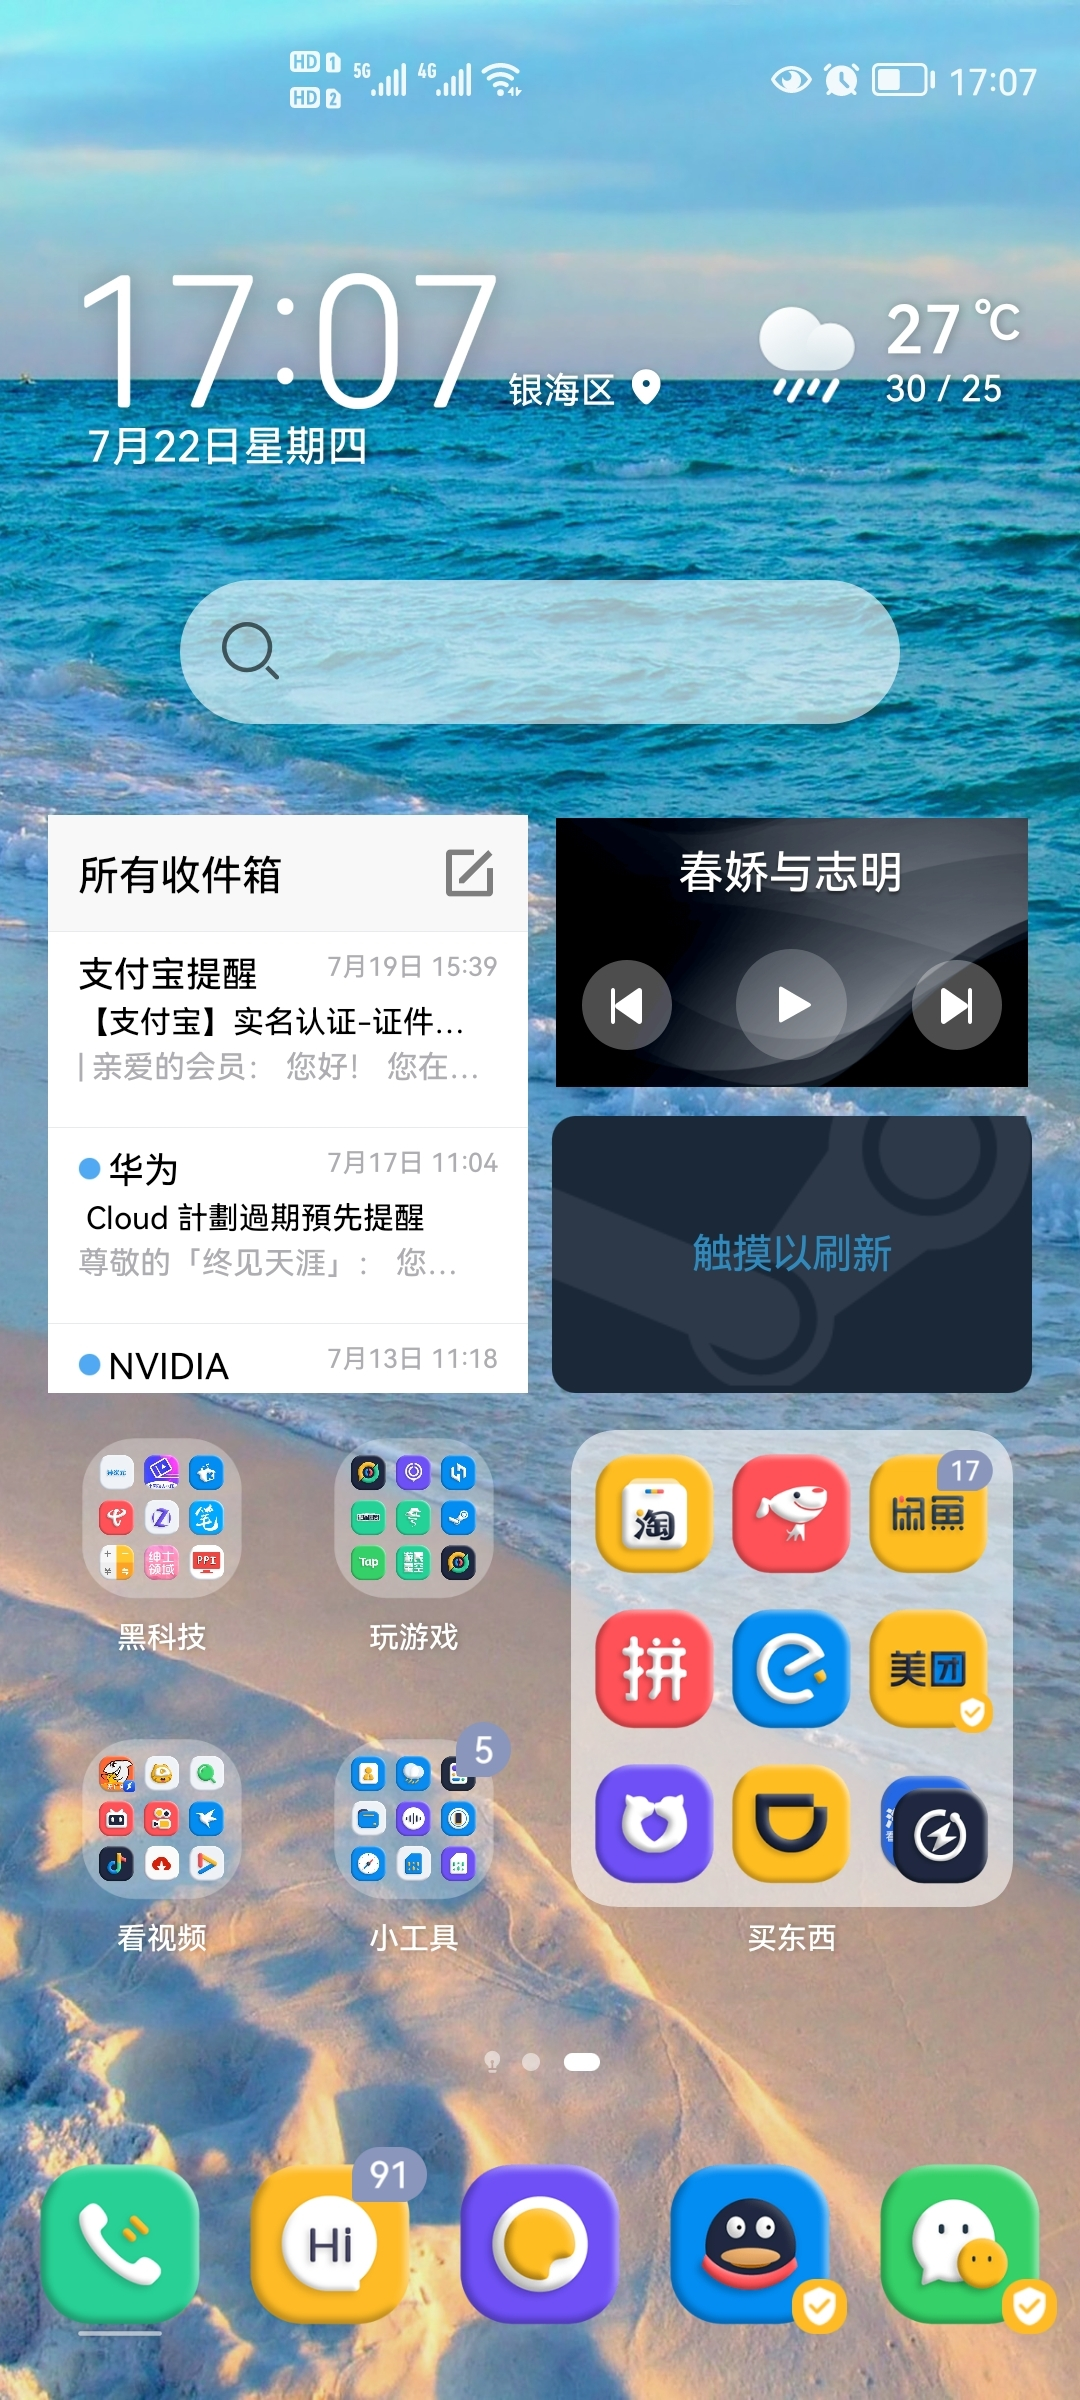 Screenshot_20210722_170744_com.huawei.android.launcher.jpg